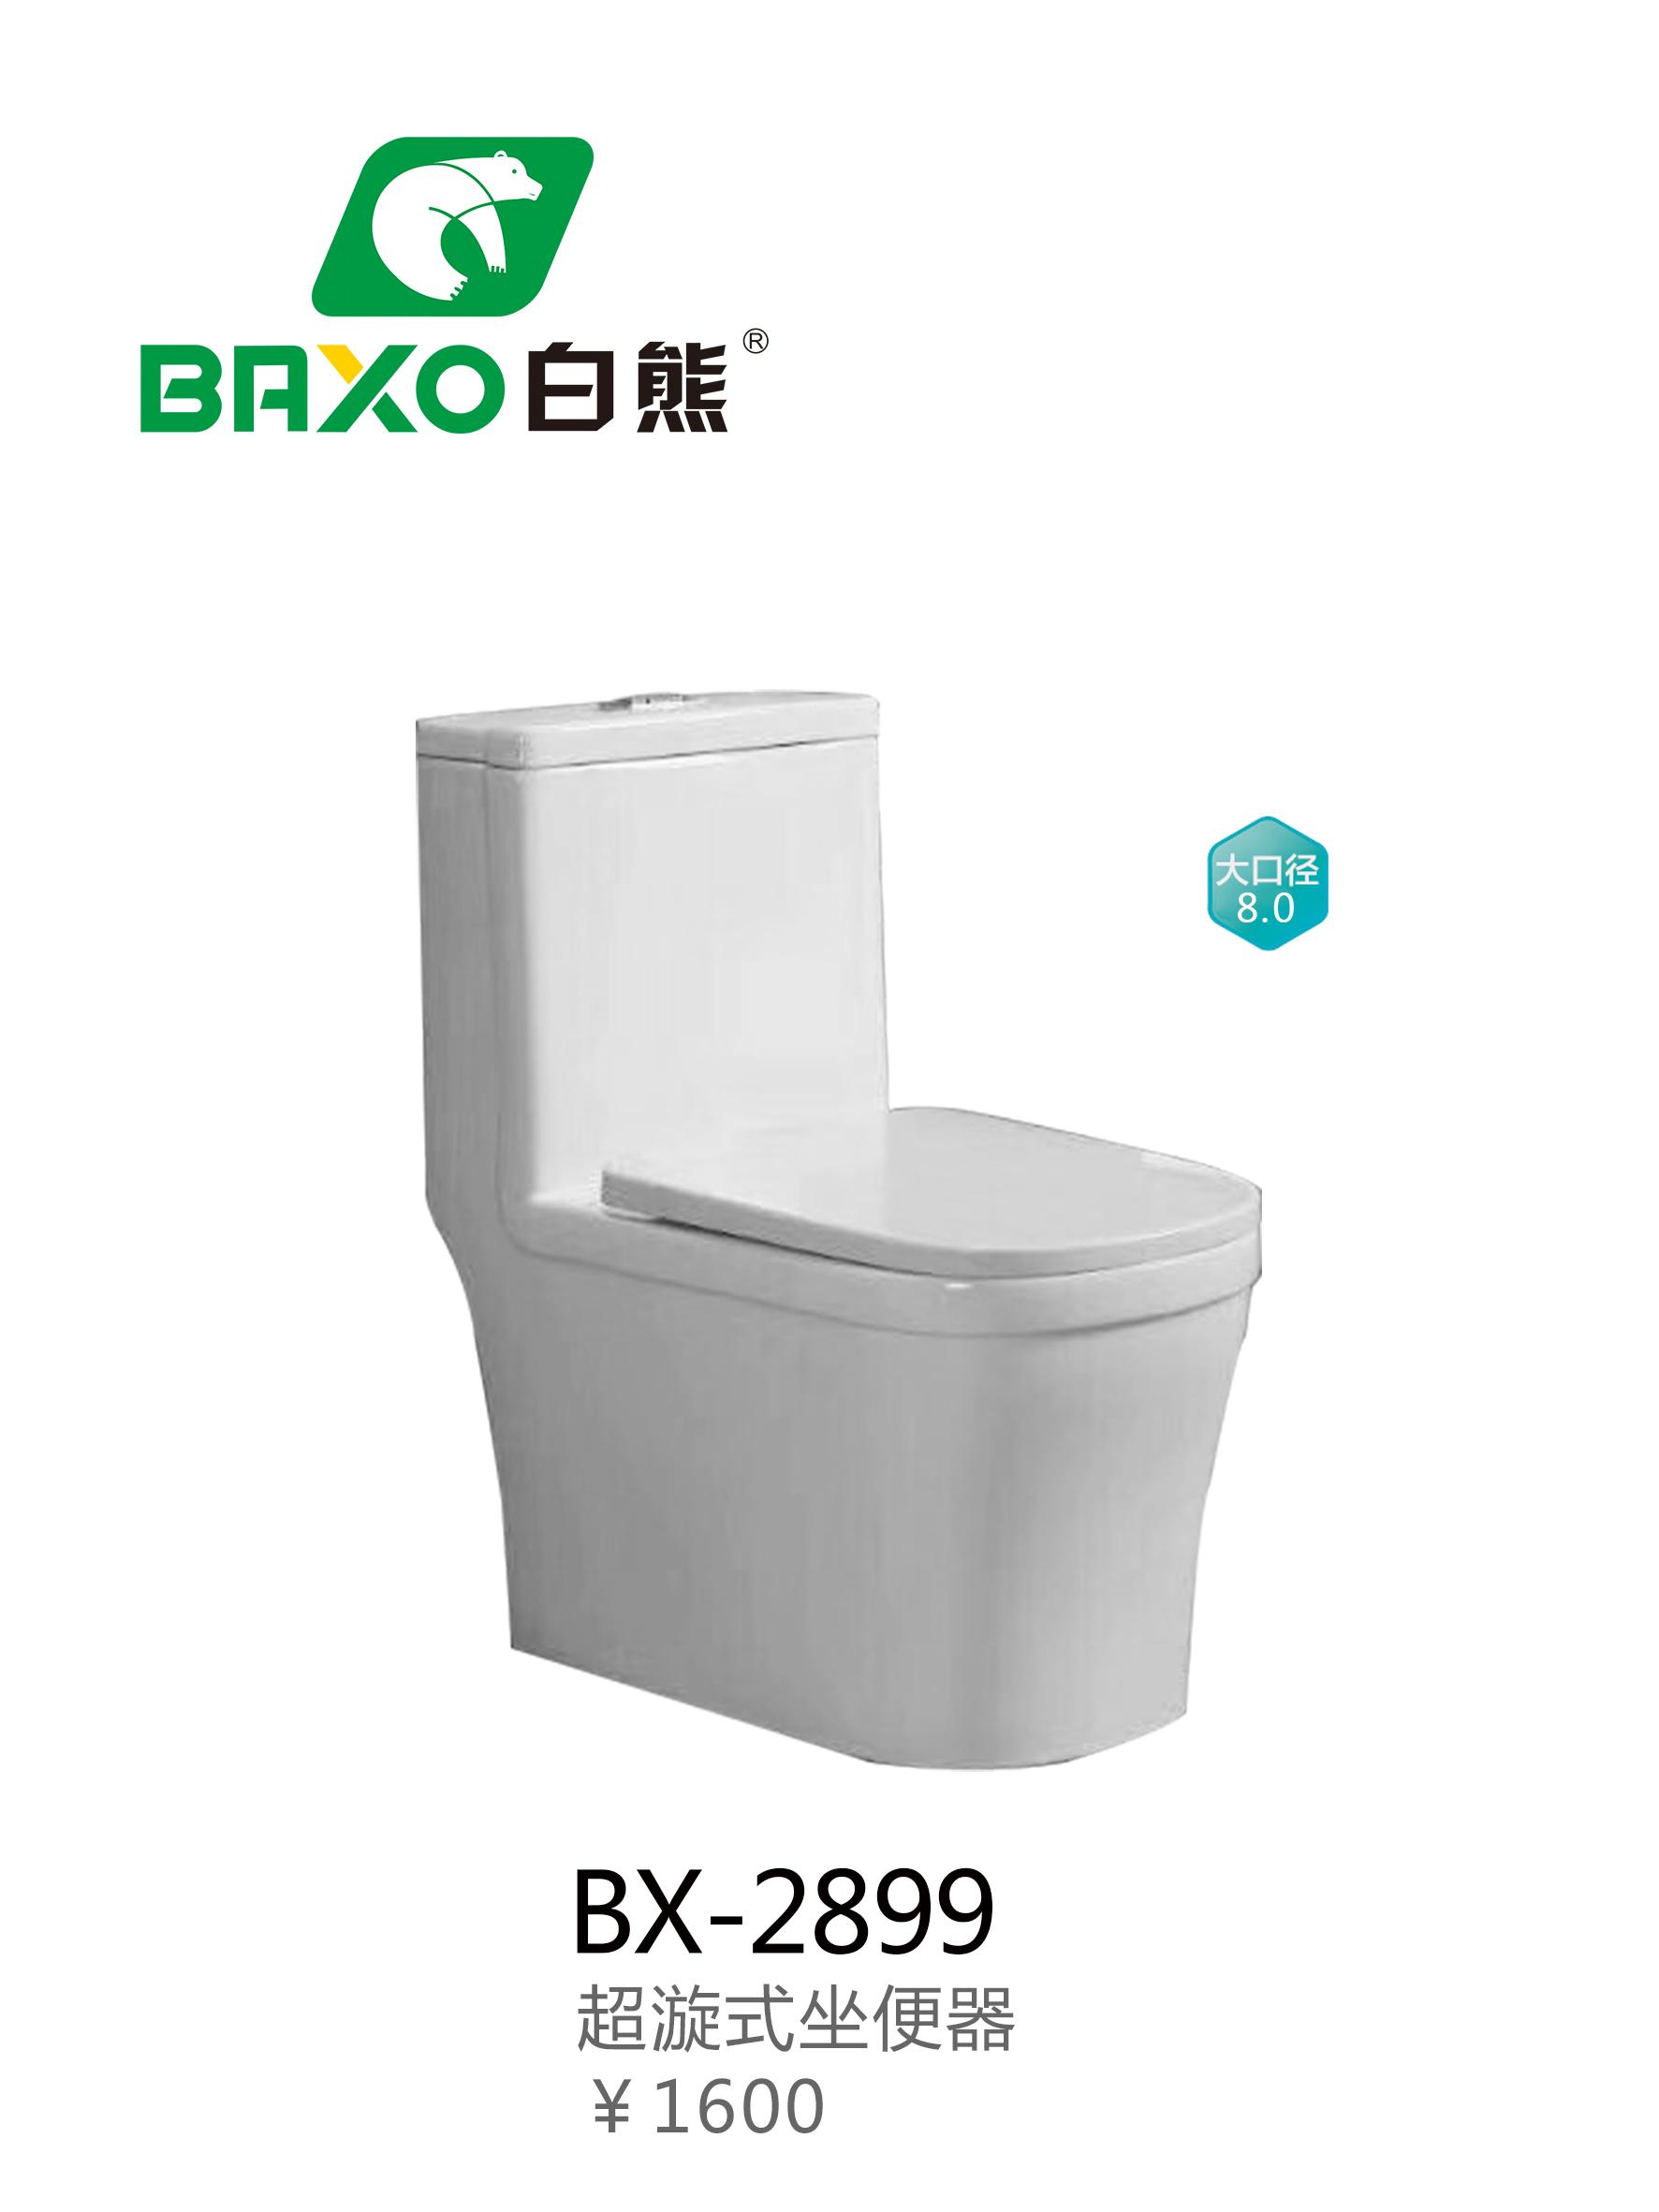 BX-2899大管道超漩坐便器